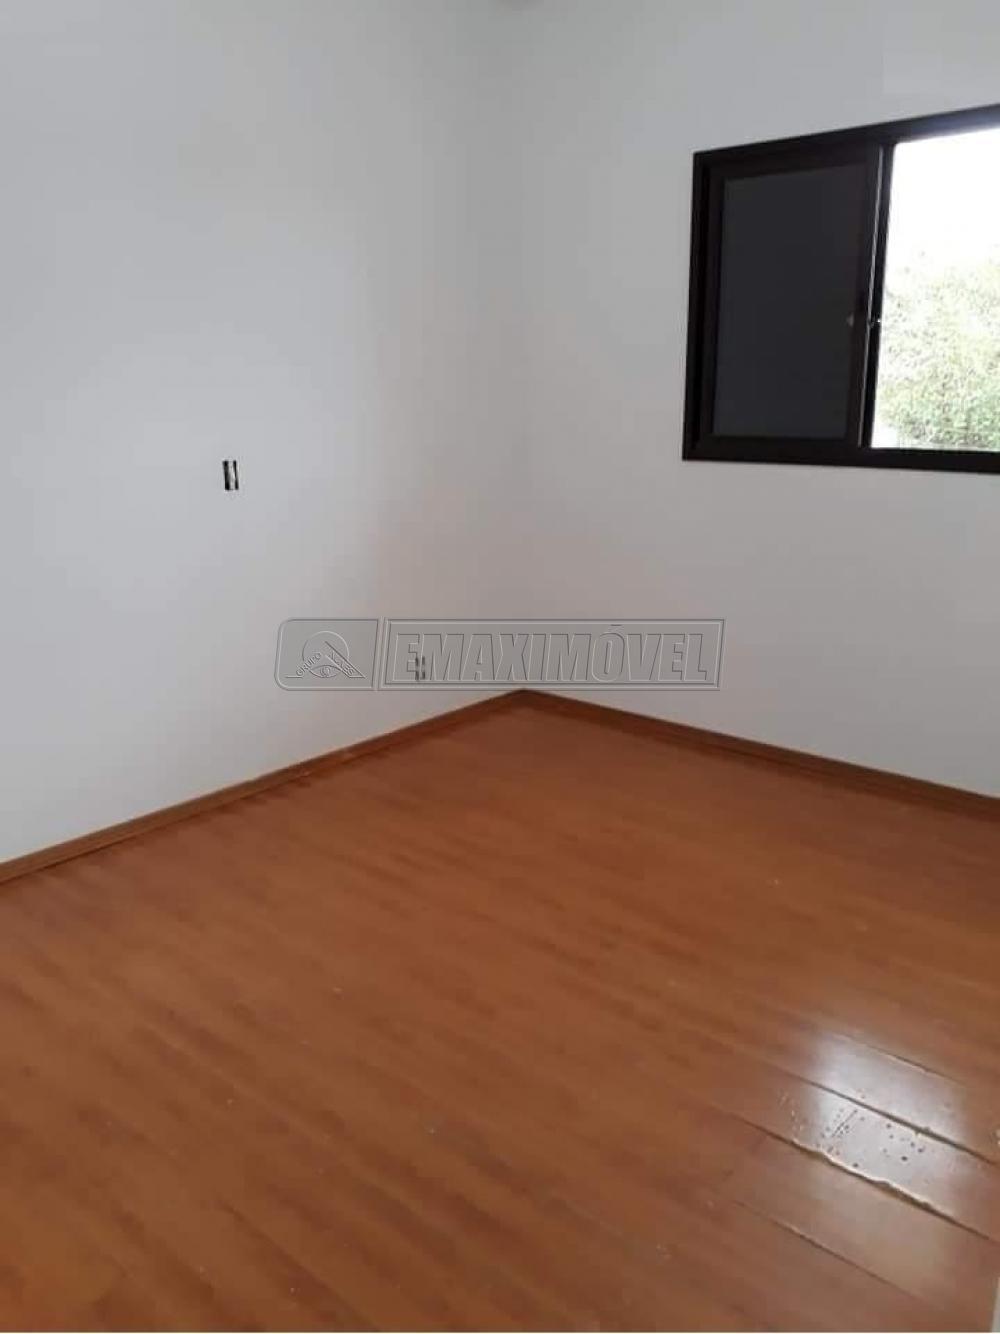 Comprar Apartamento / Padrão em Sorocaba R$ 190.000,00 - Foto 6